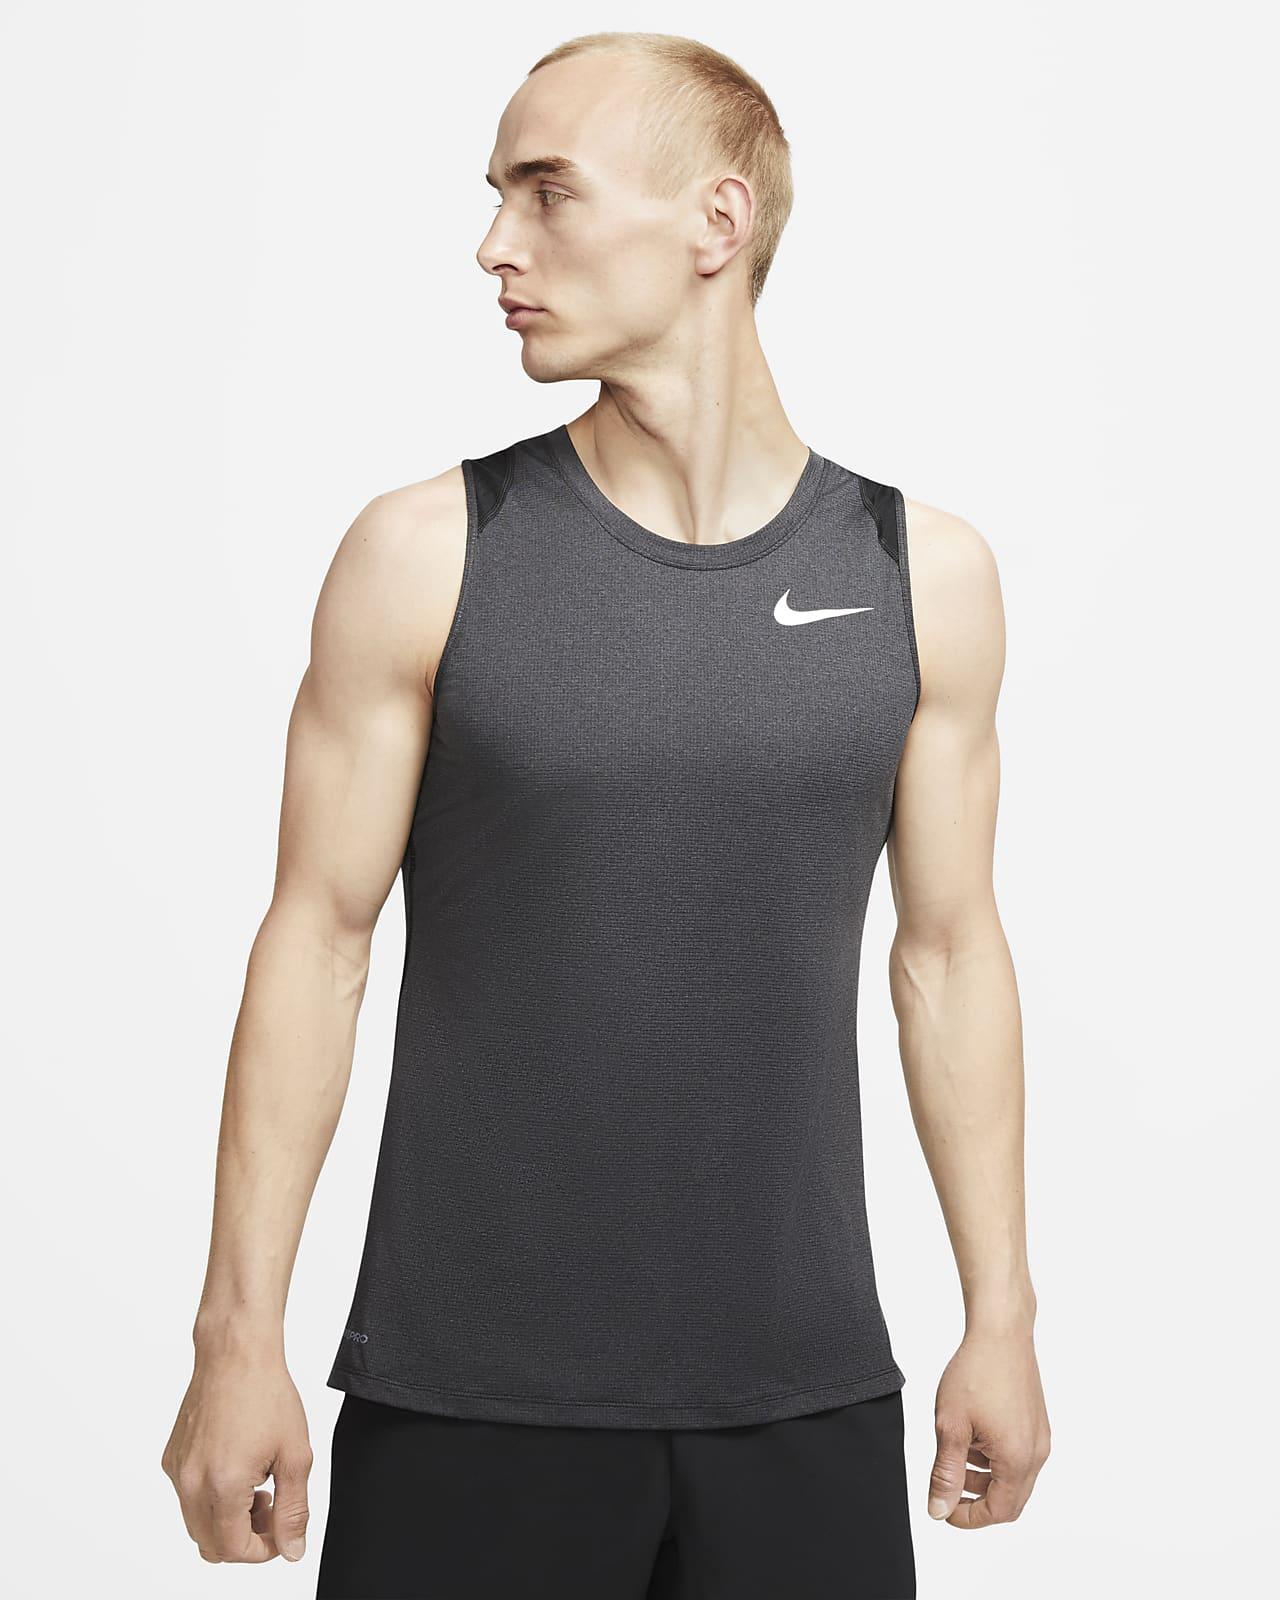 Canotta Nike Pro Breathe - Uomo